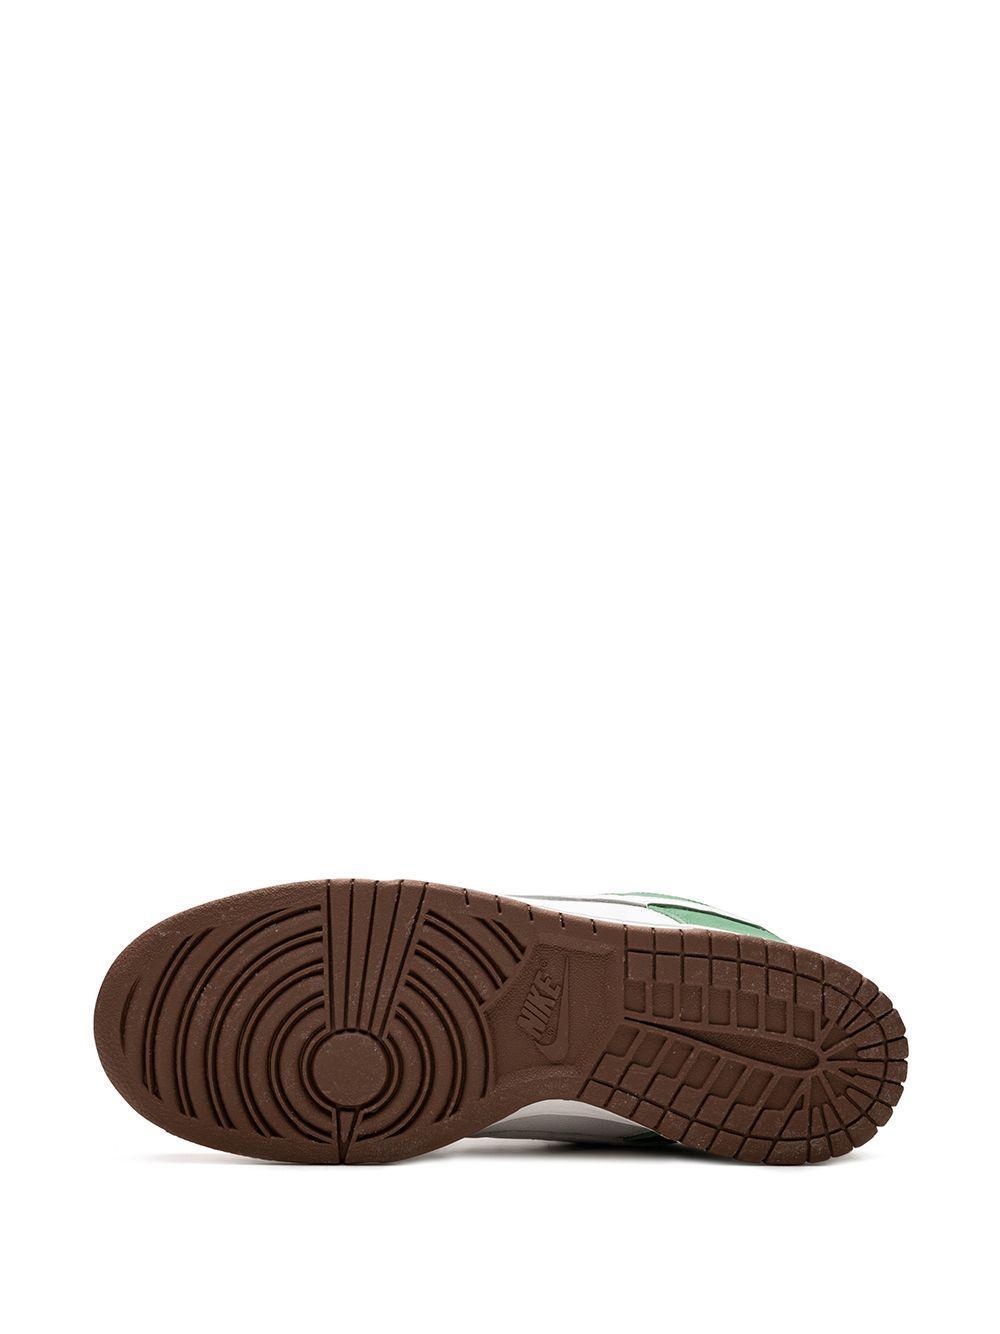 Nike Rubber Dunk Pro Sb Low-top Sneakers in het Wit voor heren